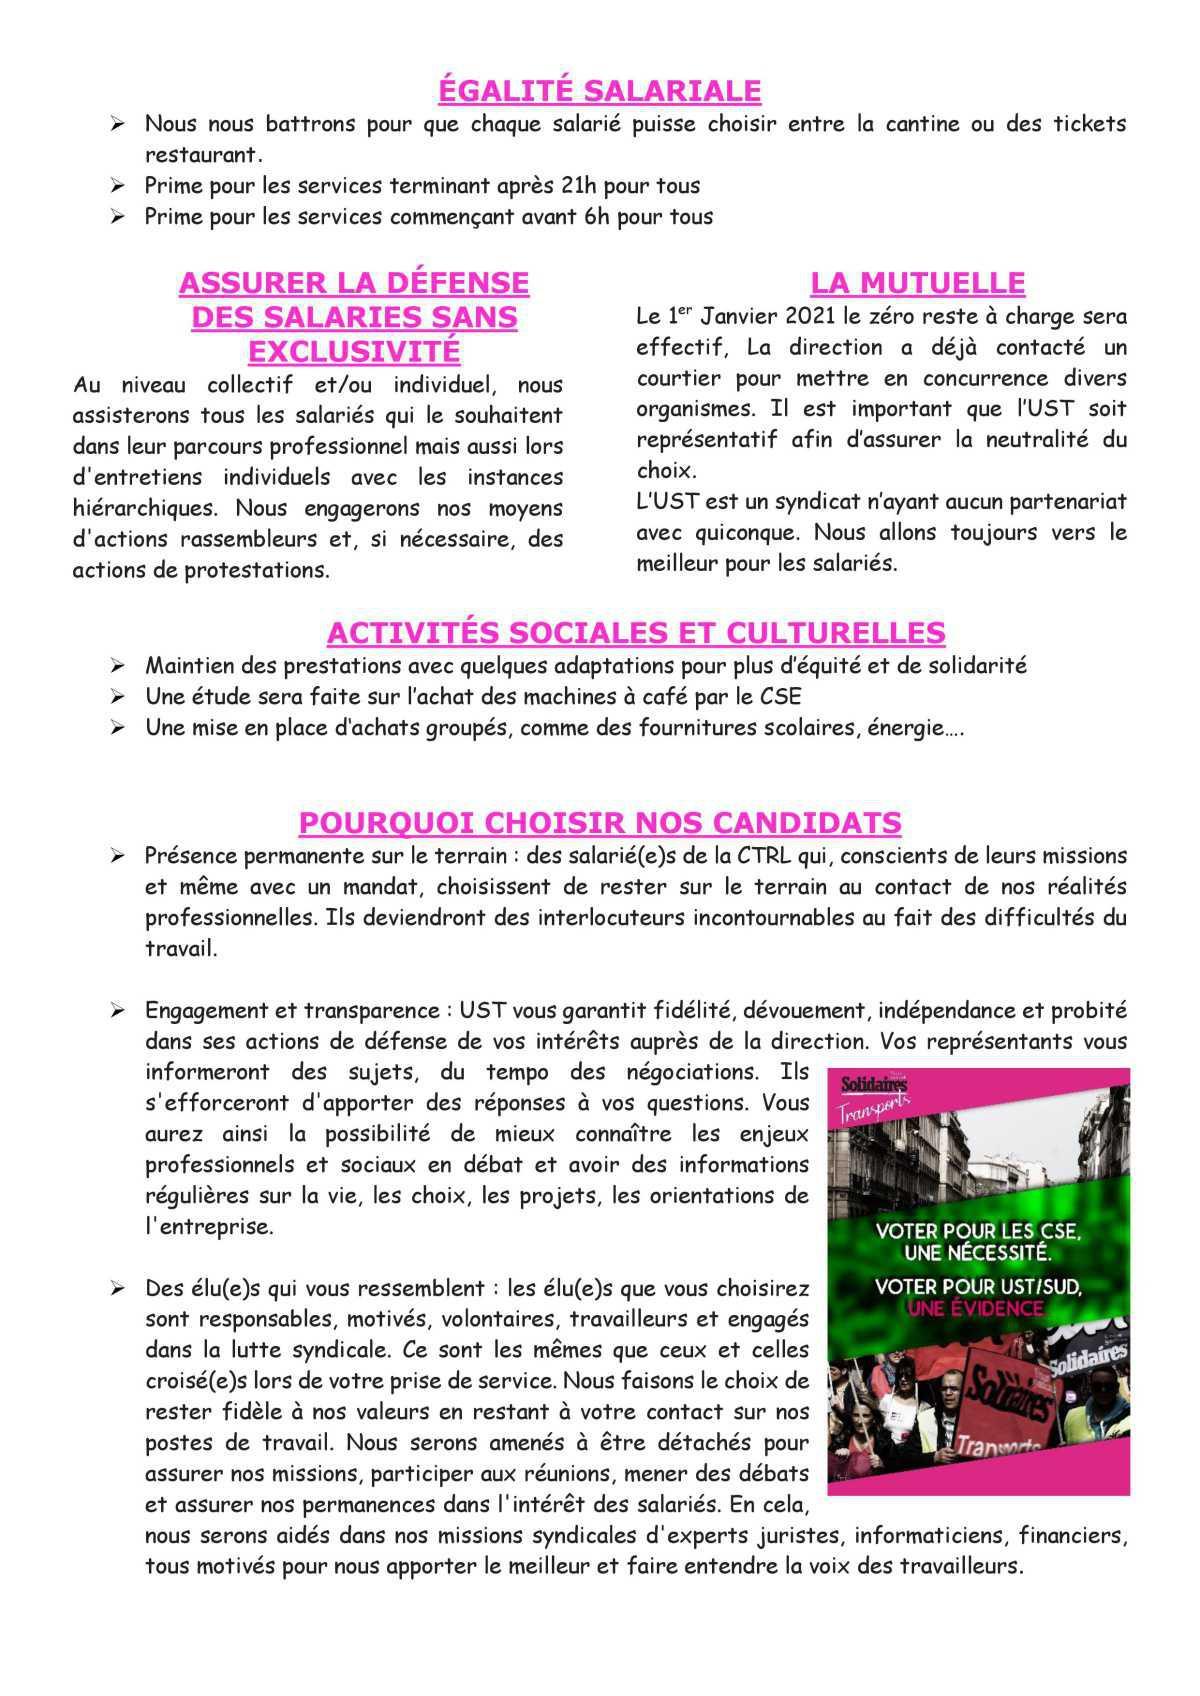 ELECTIONS DE VOS REPRESENTANTS CSE CHEZ CTRL PROFESSION DE FOI